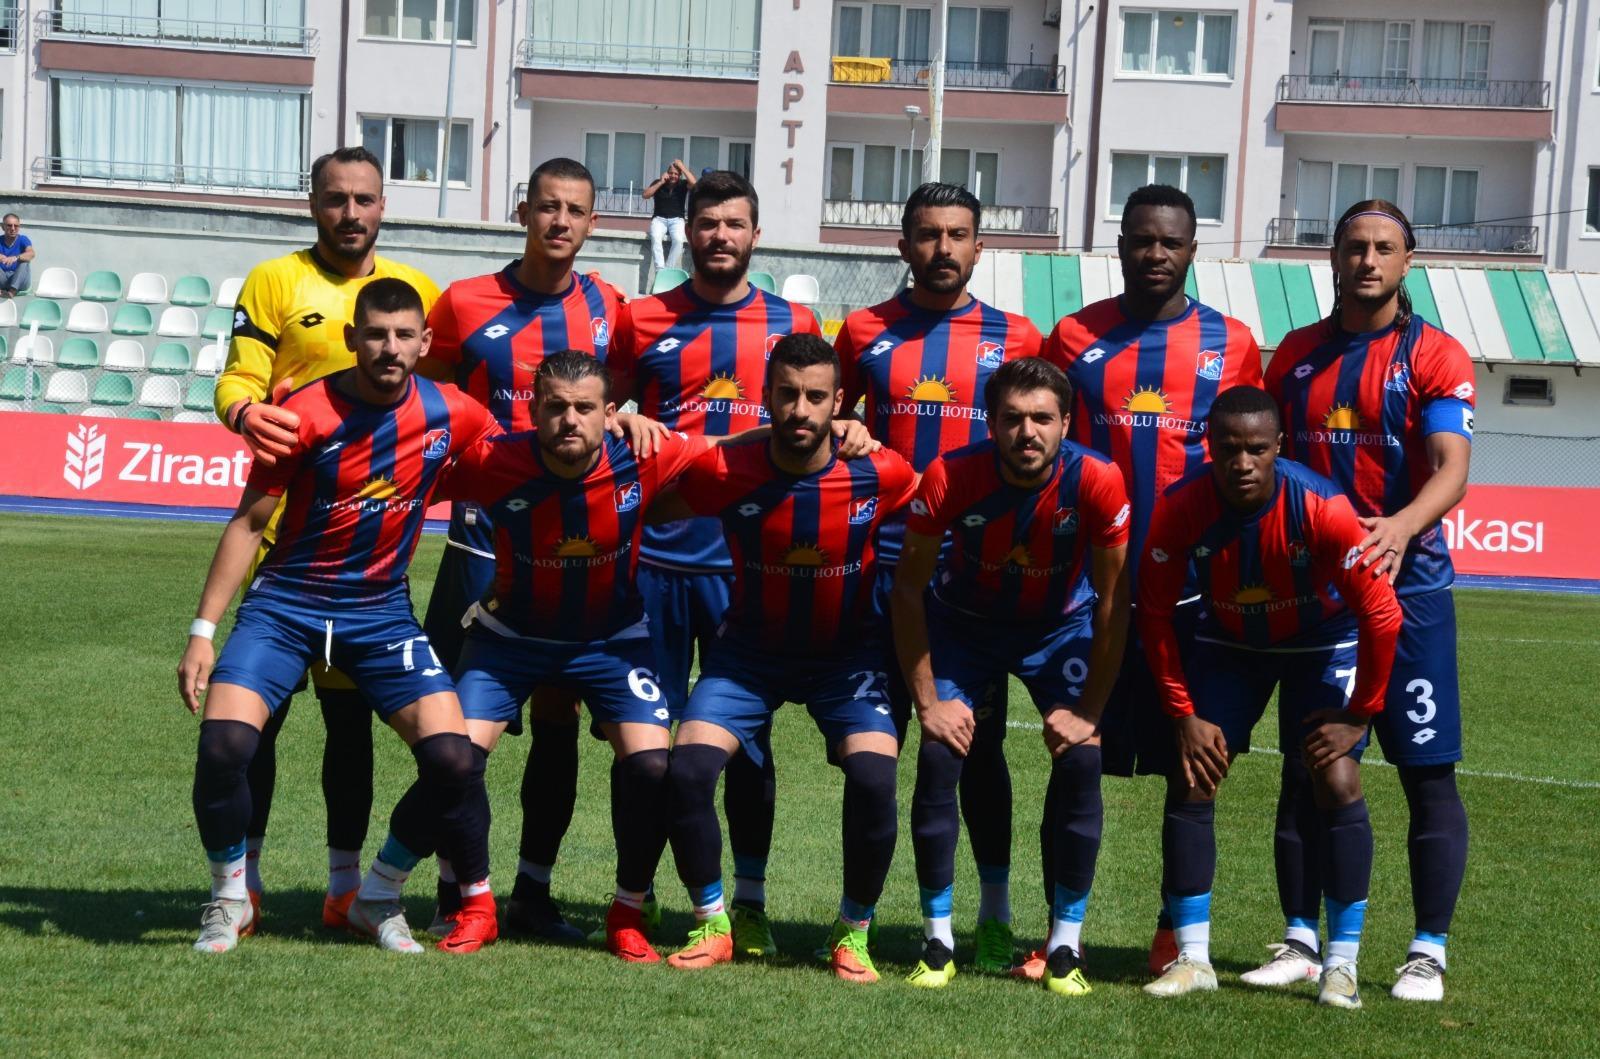 kirikkalespor - Kırıkkale Büyük Anadoluspor, Ankara DSİ spor ile oynayacak